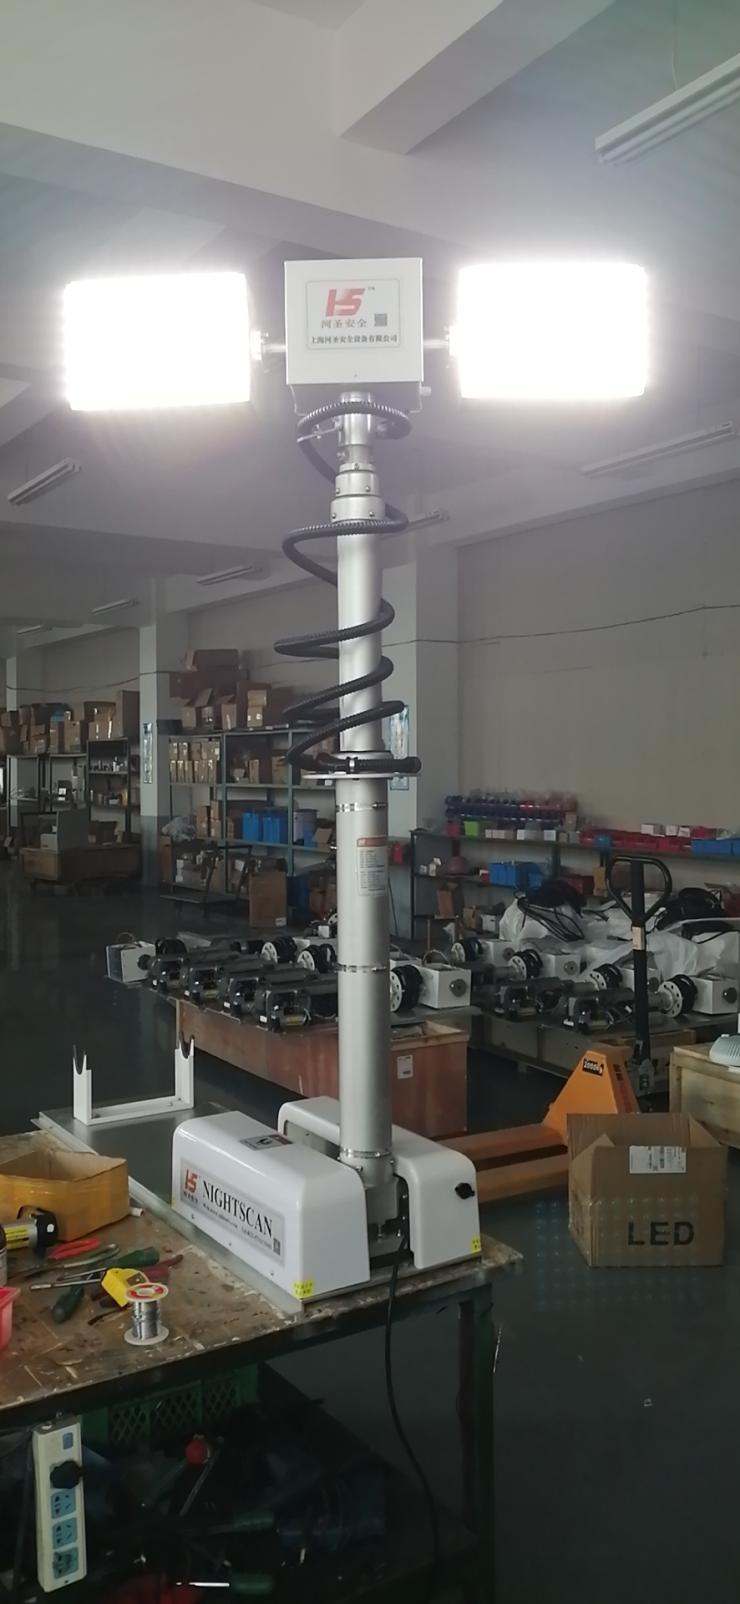 远程探照灯超强探照灯河圣安全上海河圣制造商